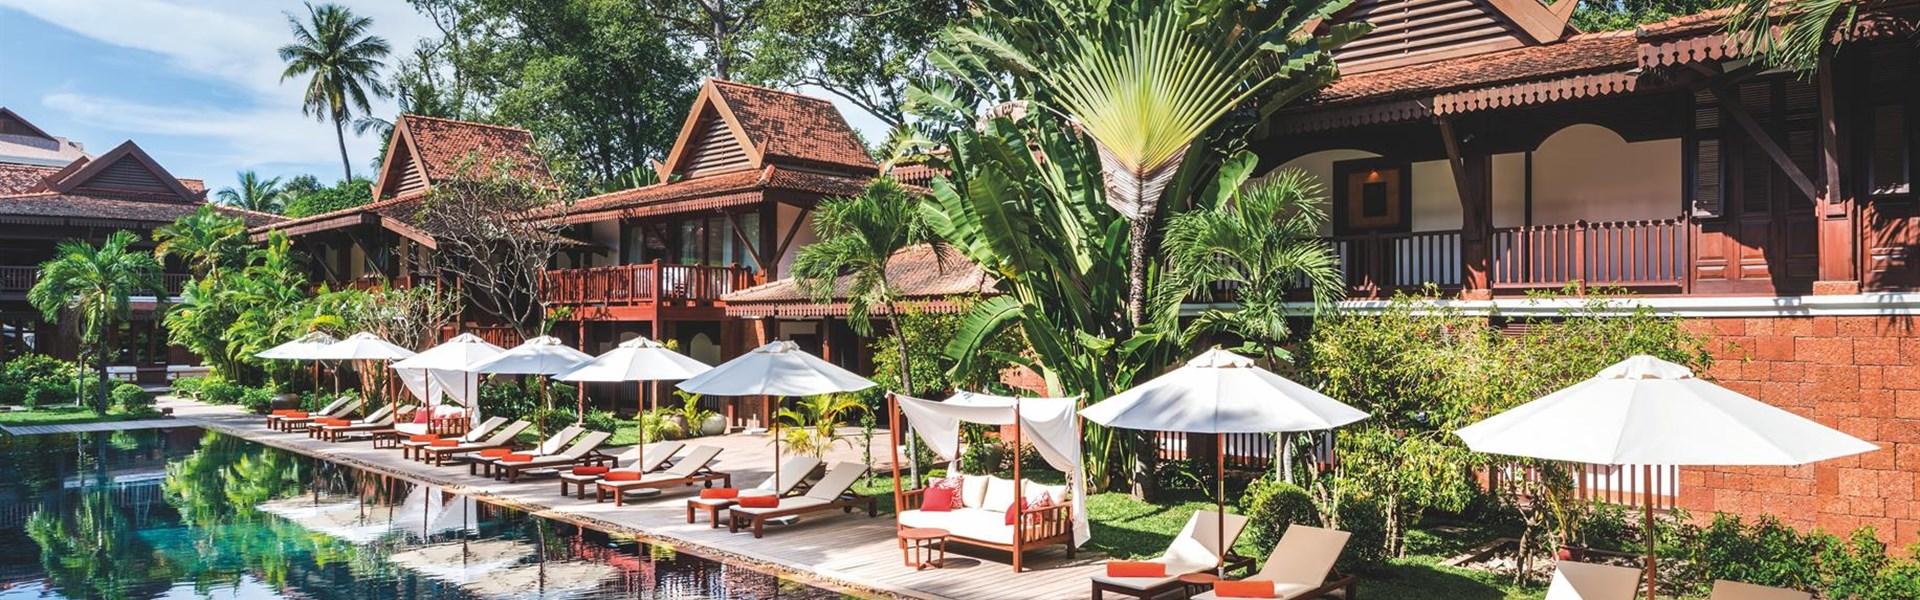 Belmond La Résidence d´Angkor - Po návratu z prohlídek chrámů je odpočinek u bazénu výbornou relaxací.